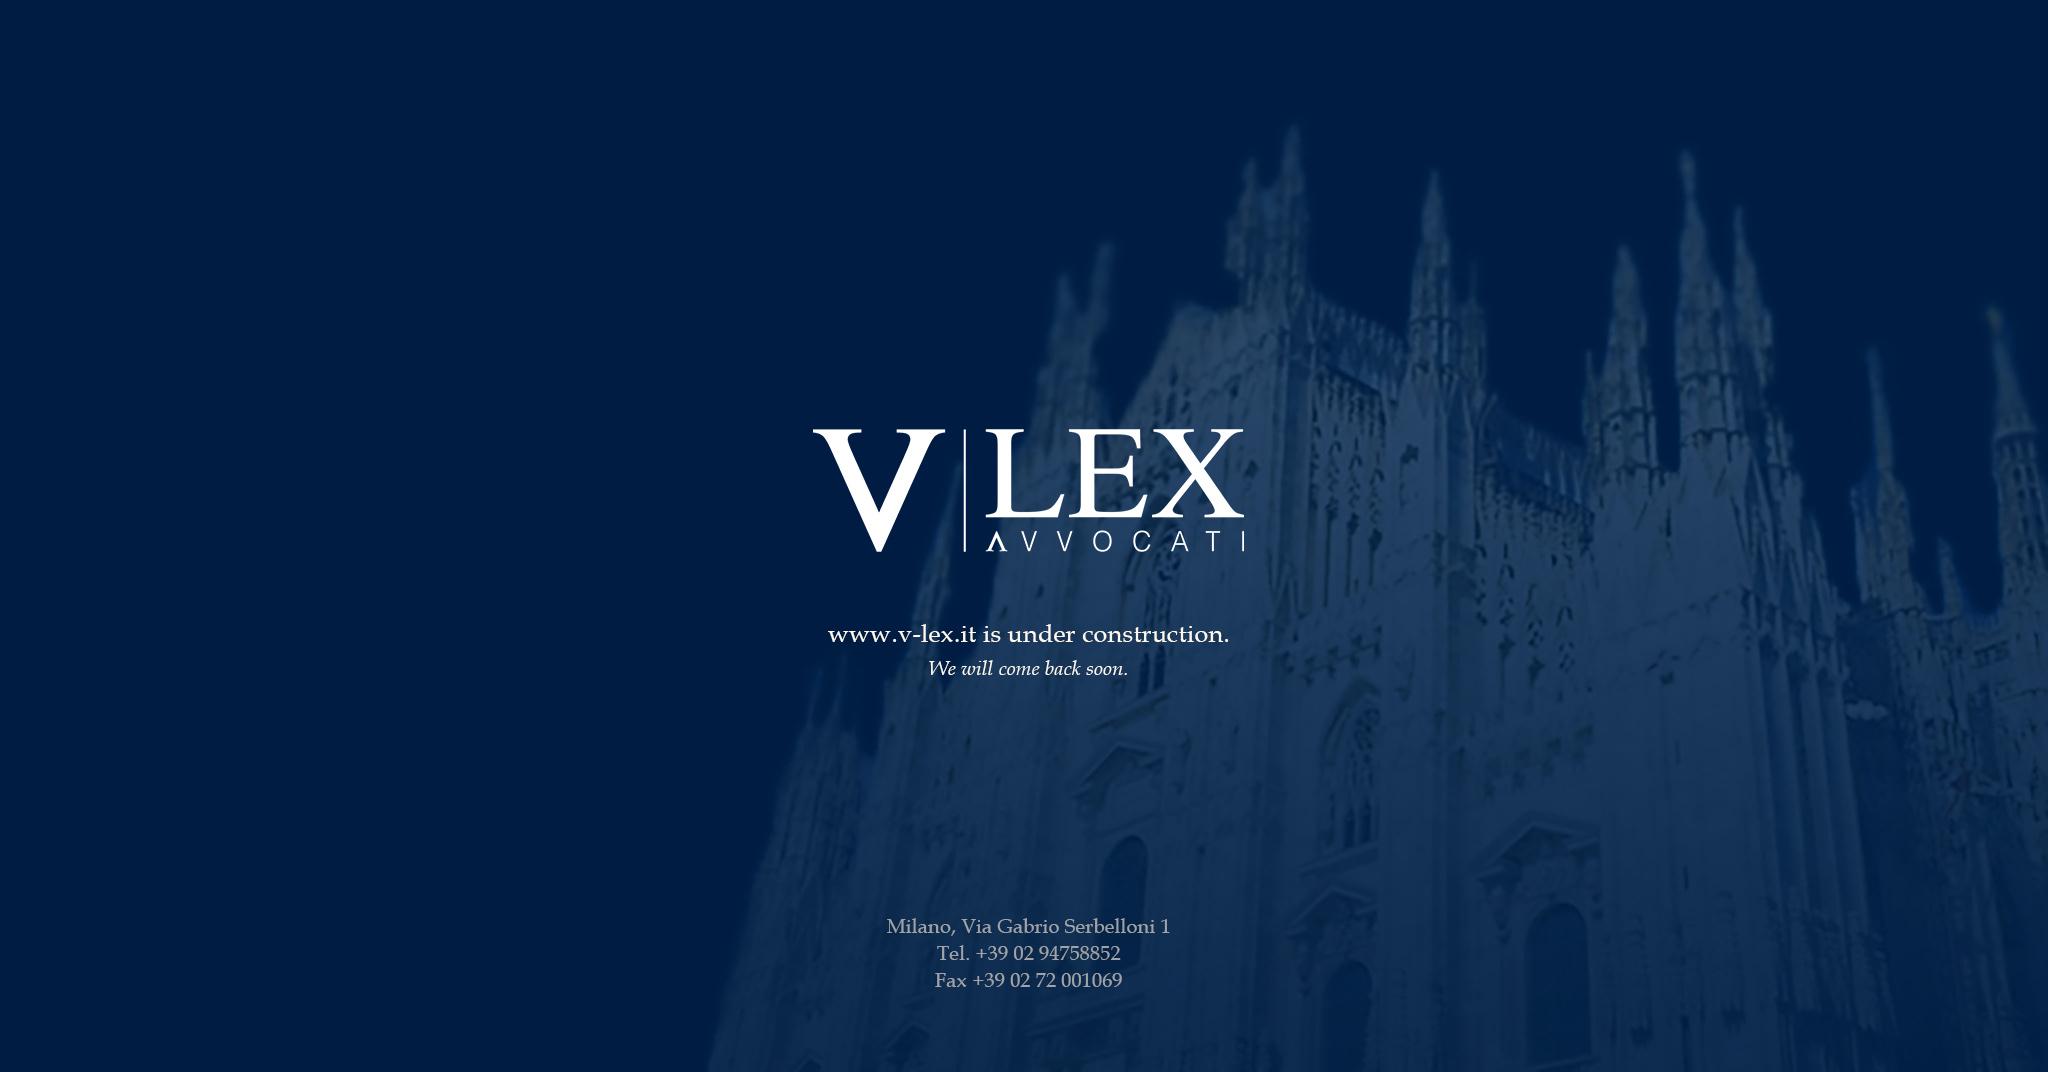 V-lex Logo